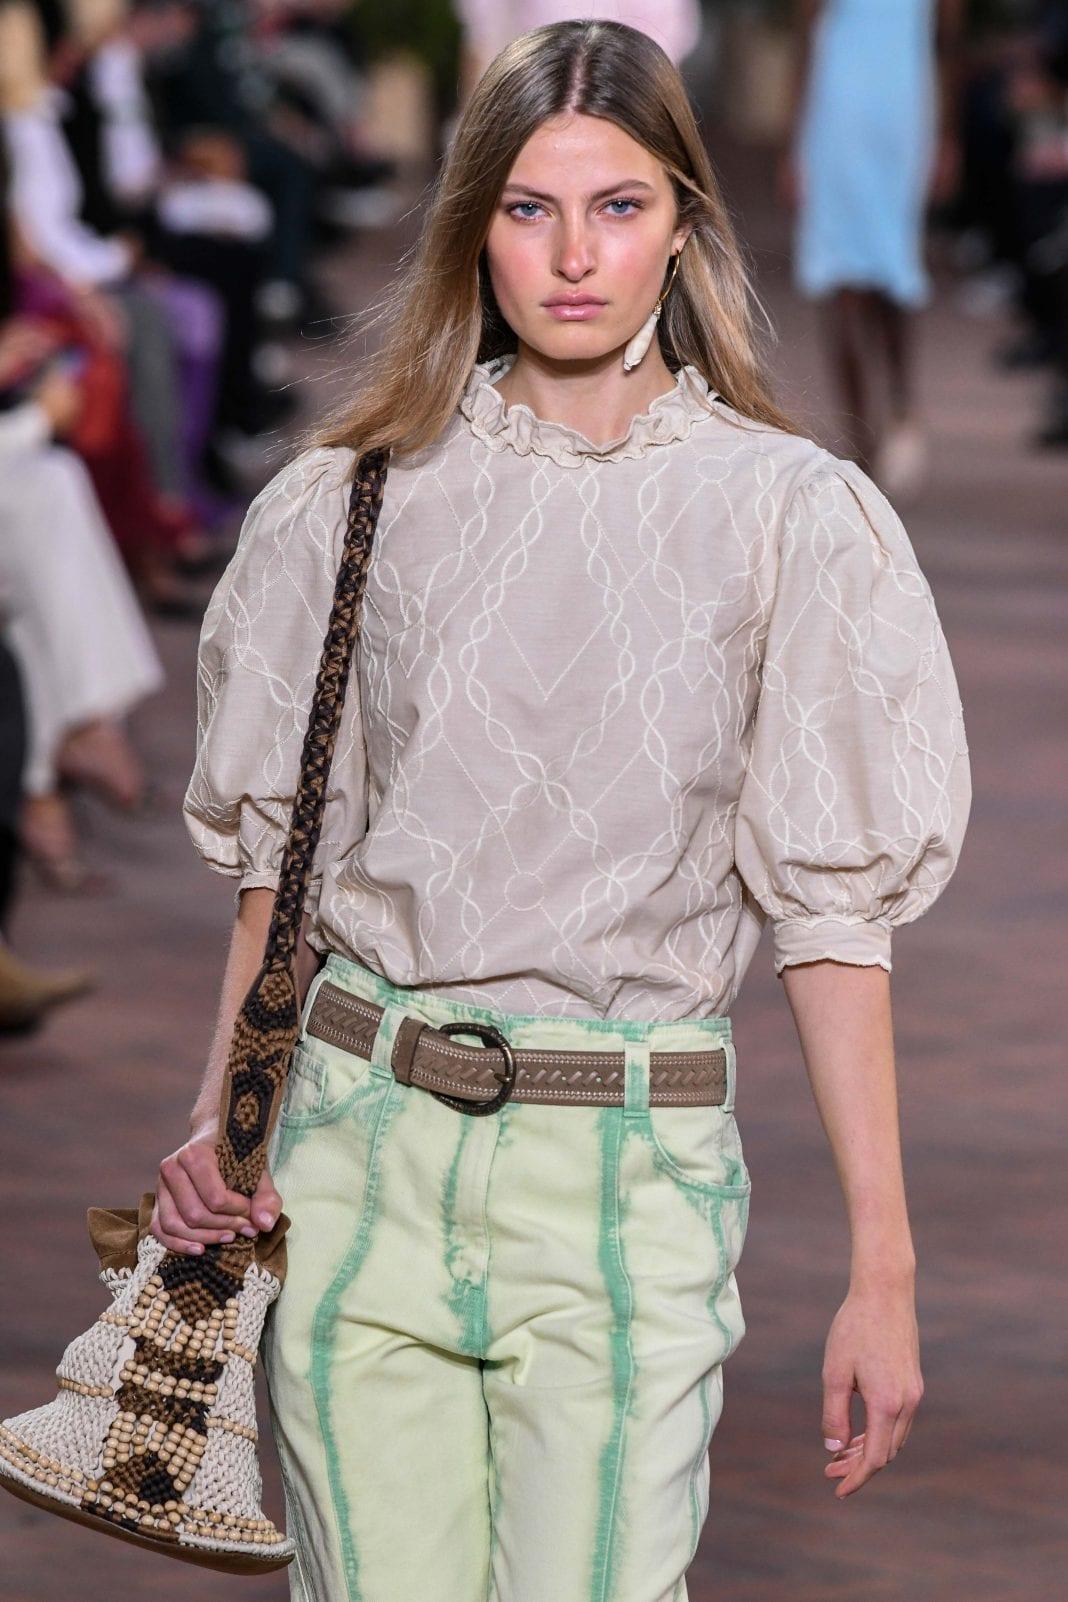 Shoulder bags: Αυτές είναι οι τσάντες που θα κρατήσουμε την Άνοιξη και το Kαλοκαίρι